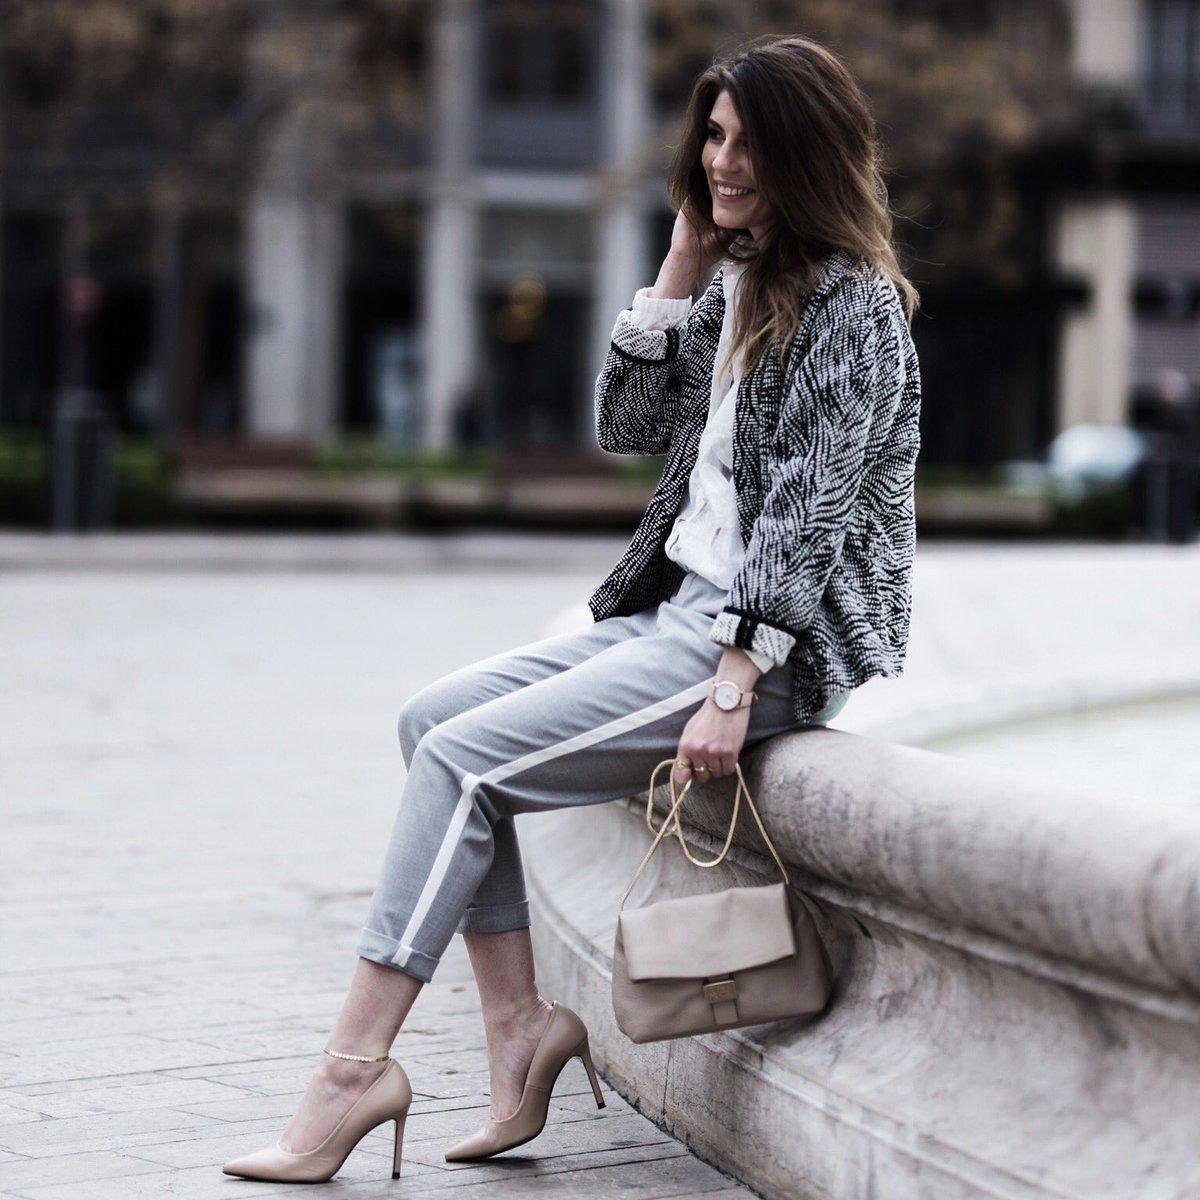 Nouveau #look sur le #blog !    http://www. byopaline.com/pantalon-gris- escarpins-nude/ &nbsp; …   #blogger #fashionblogger @ZARA @bashparis @andotherstories @SheIn_official<br>http://pic.twitter.com/yIcwMF3r2J